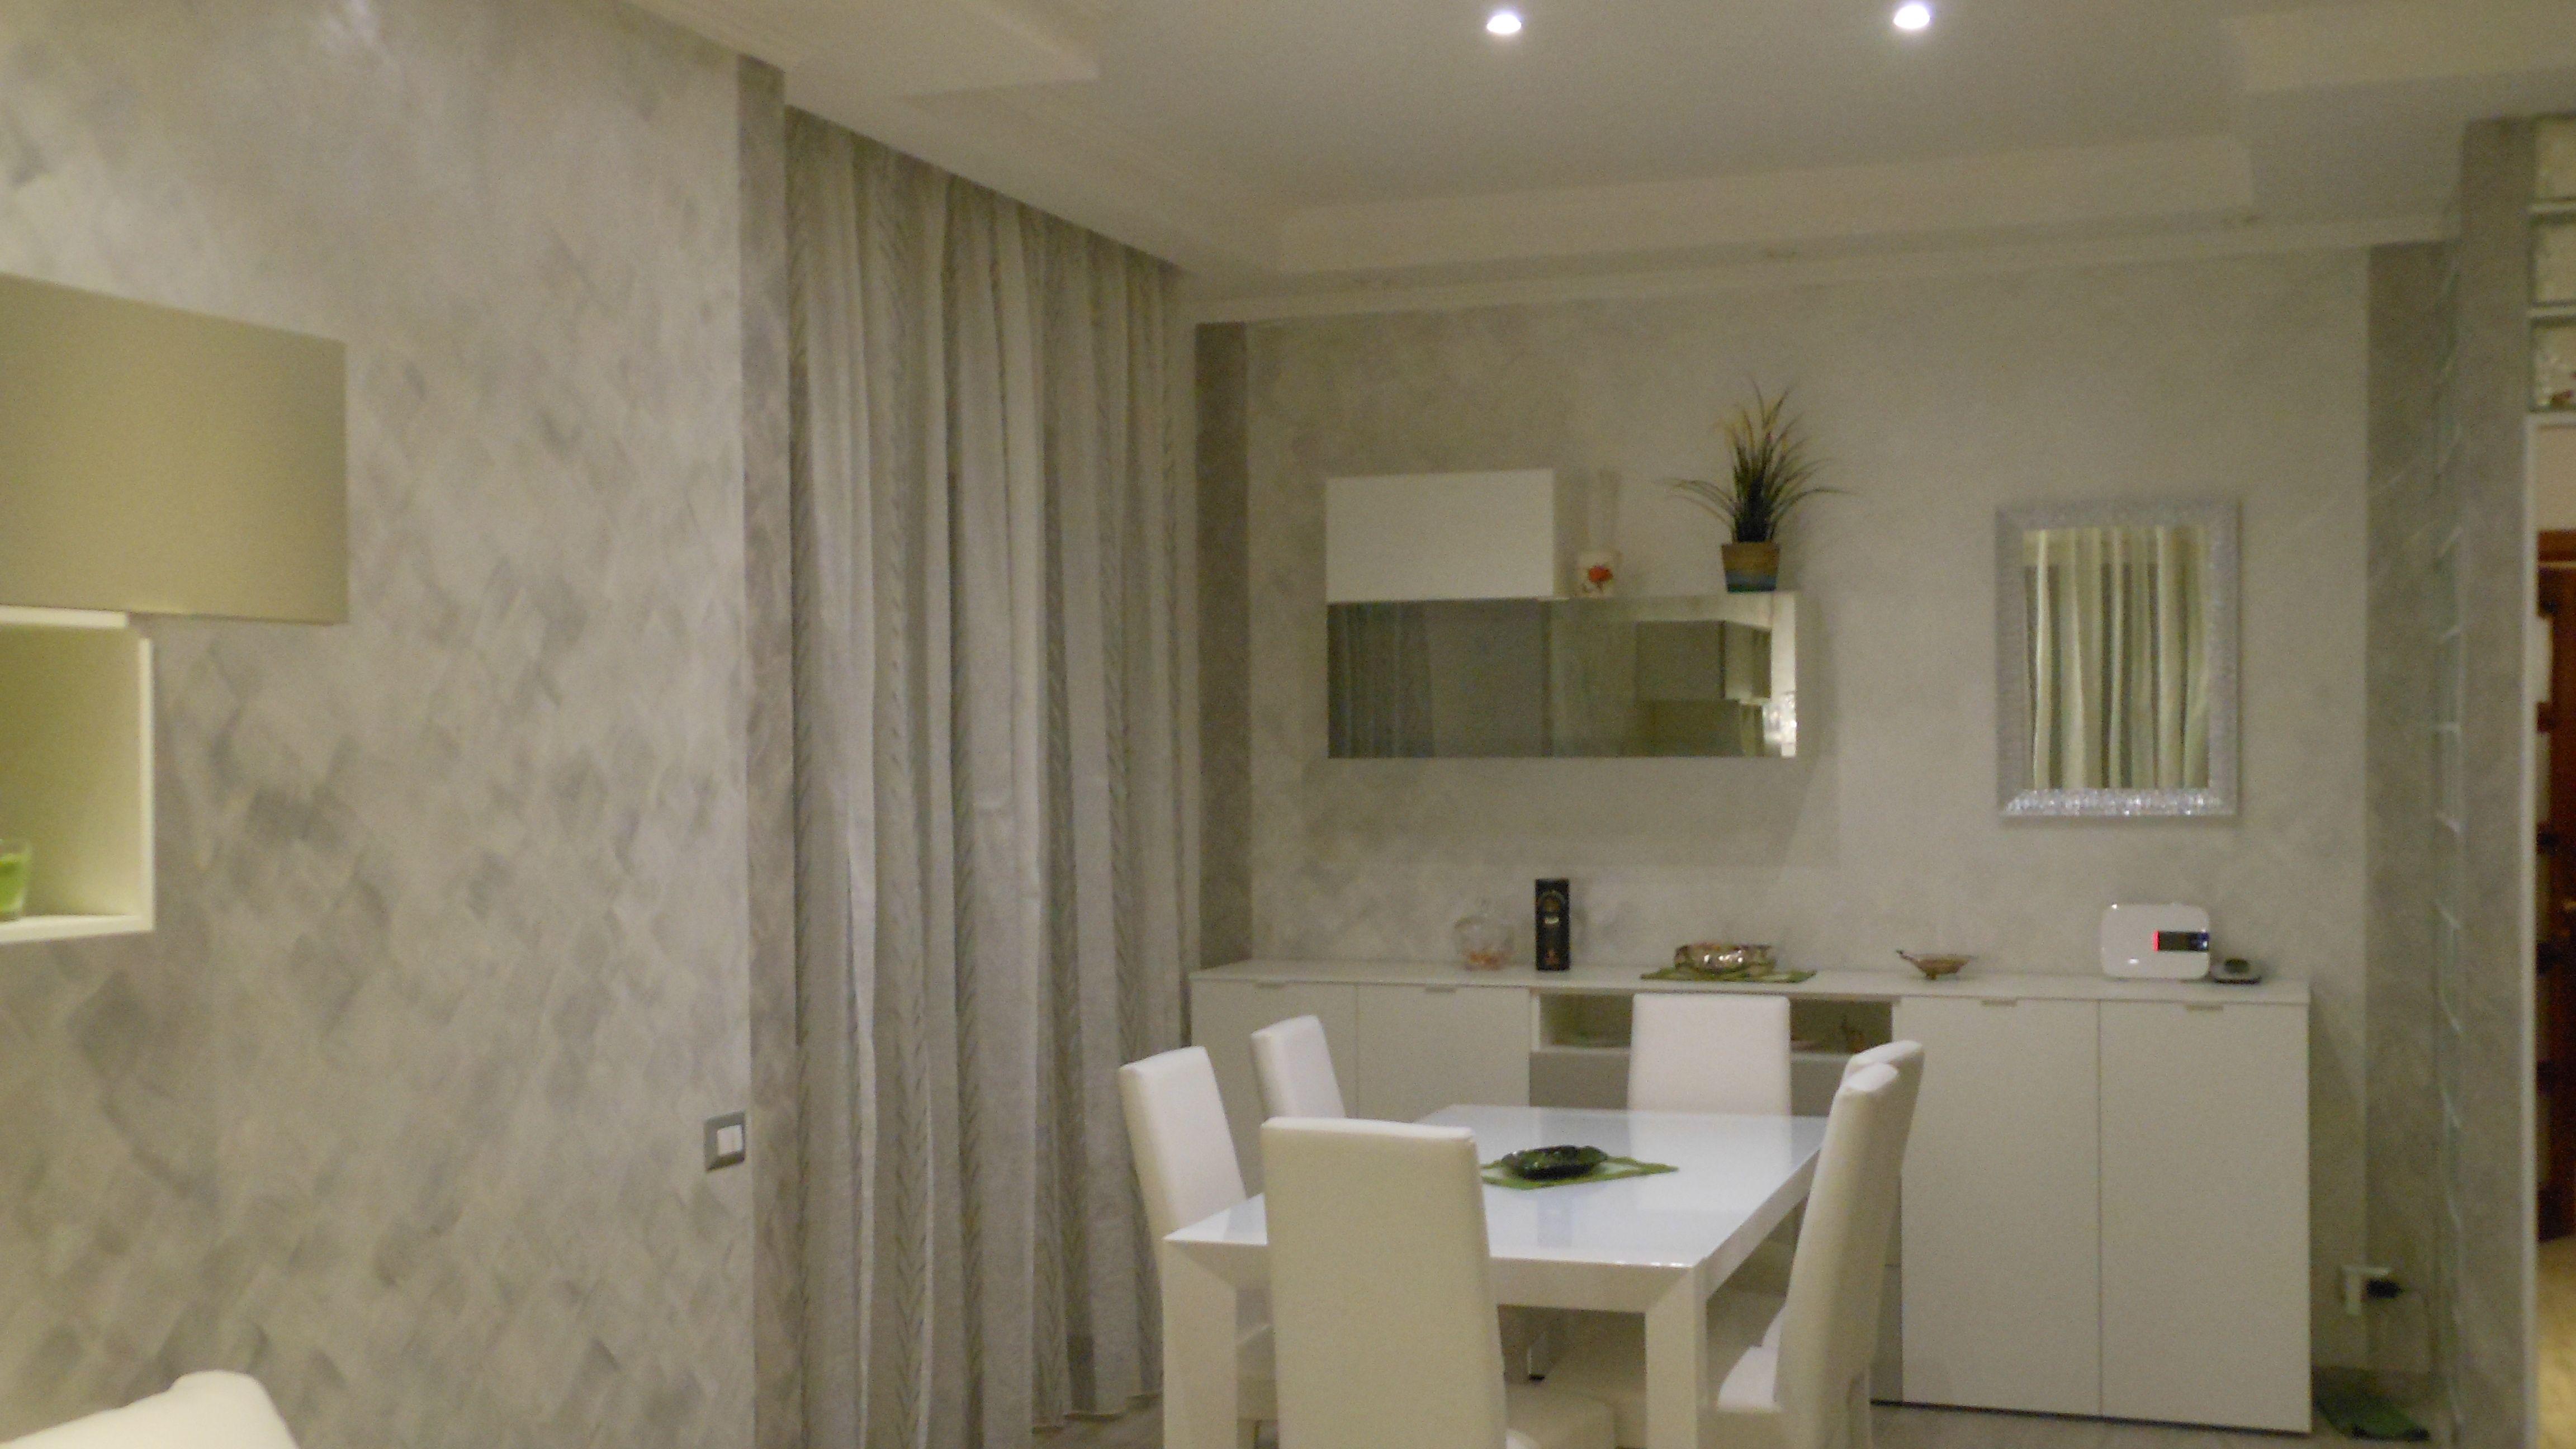 Pittura decorativa per interni cangiante effetto sabbia ideale per ...